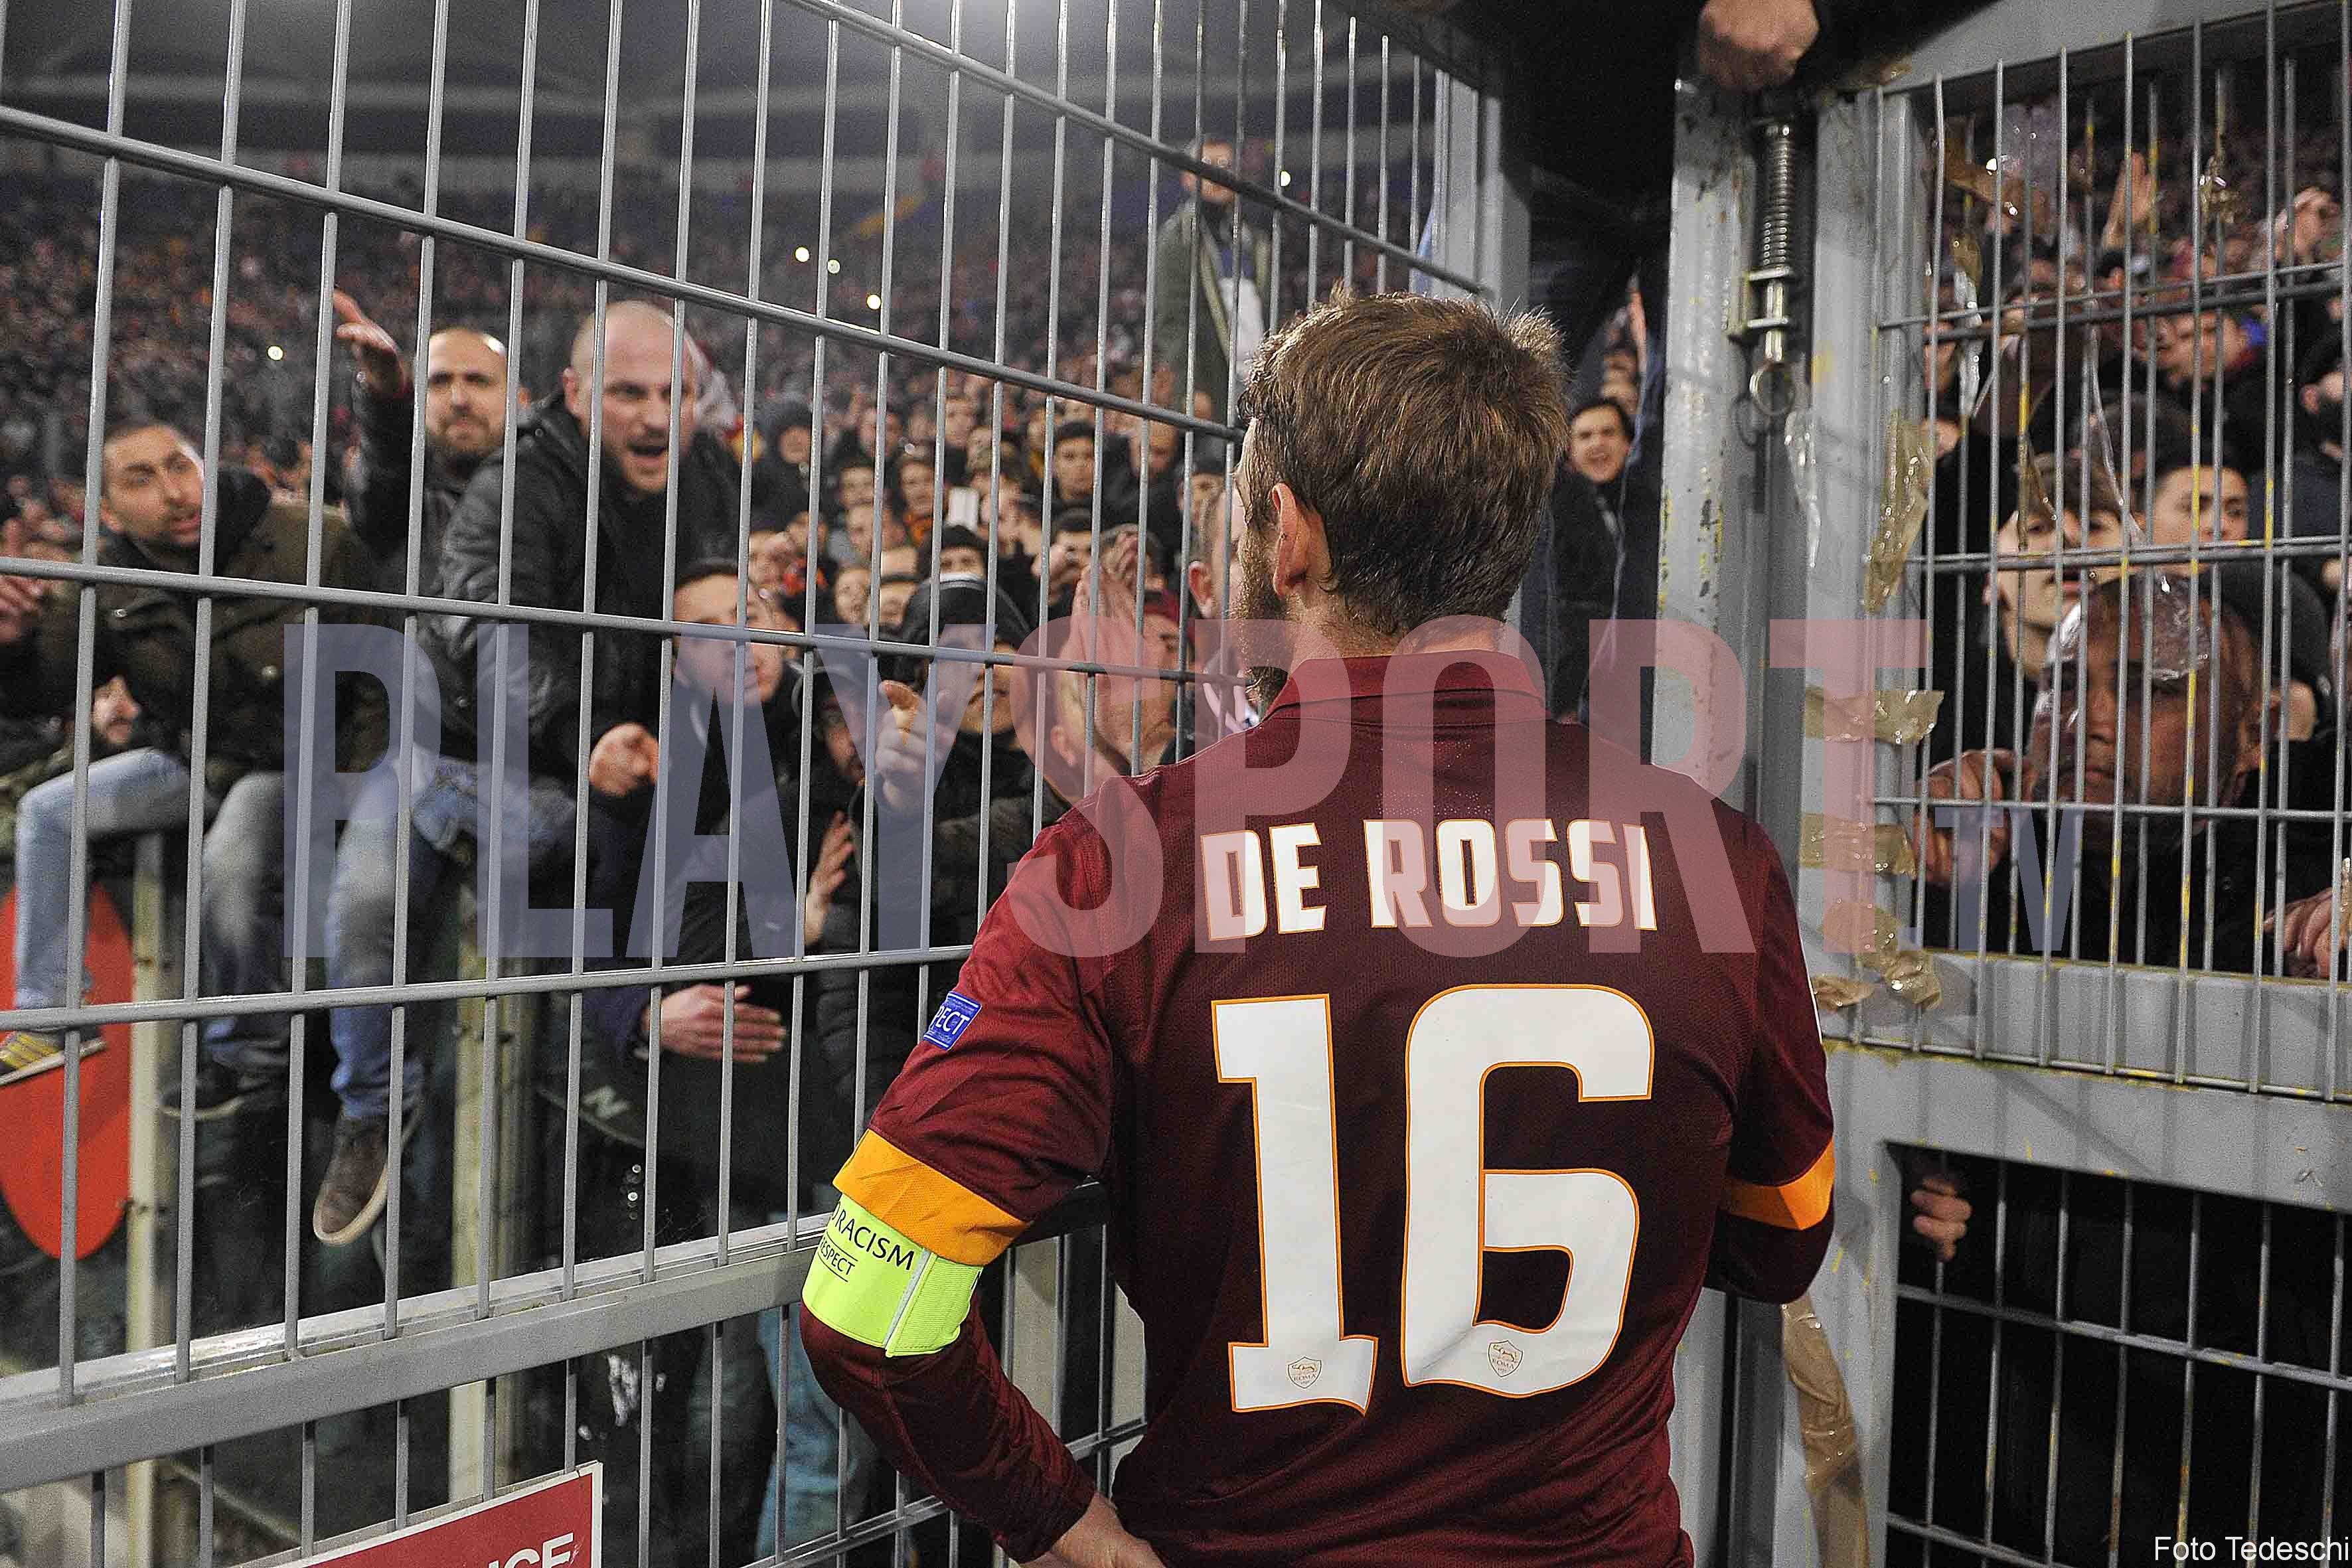 Eliminazione incubo della Roma, tifosi in rivolta (FOTO)